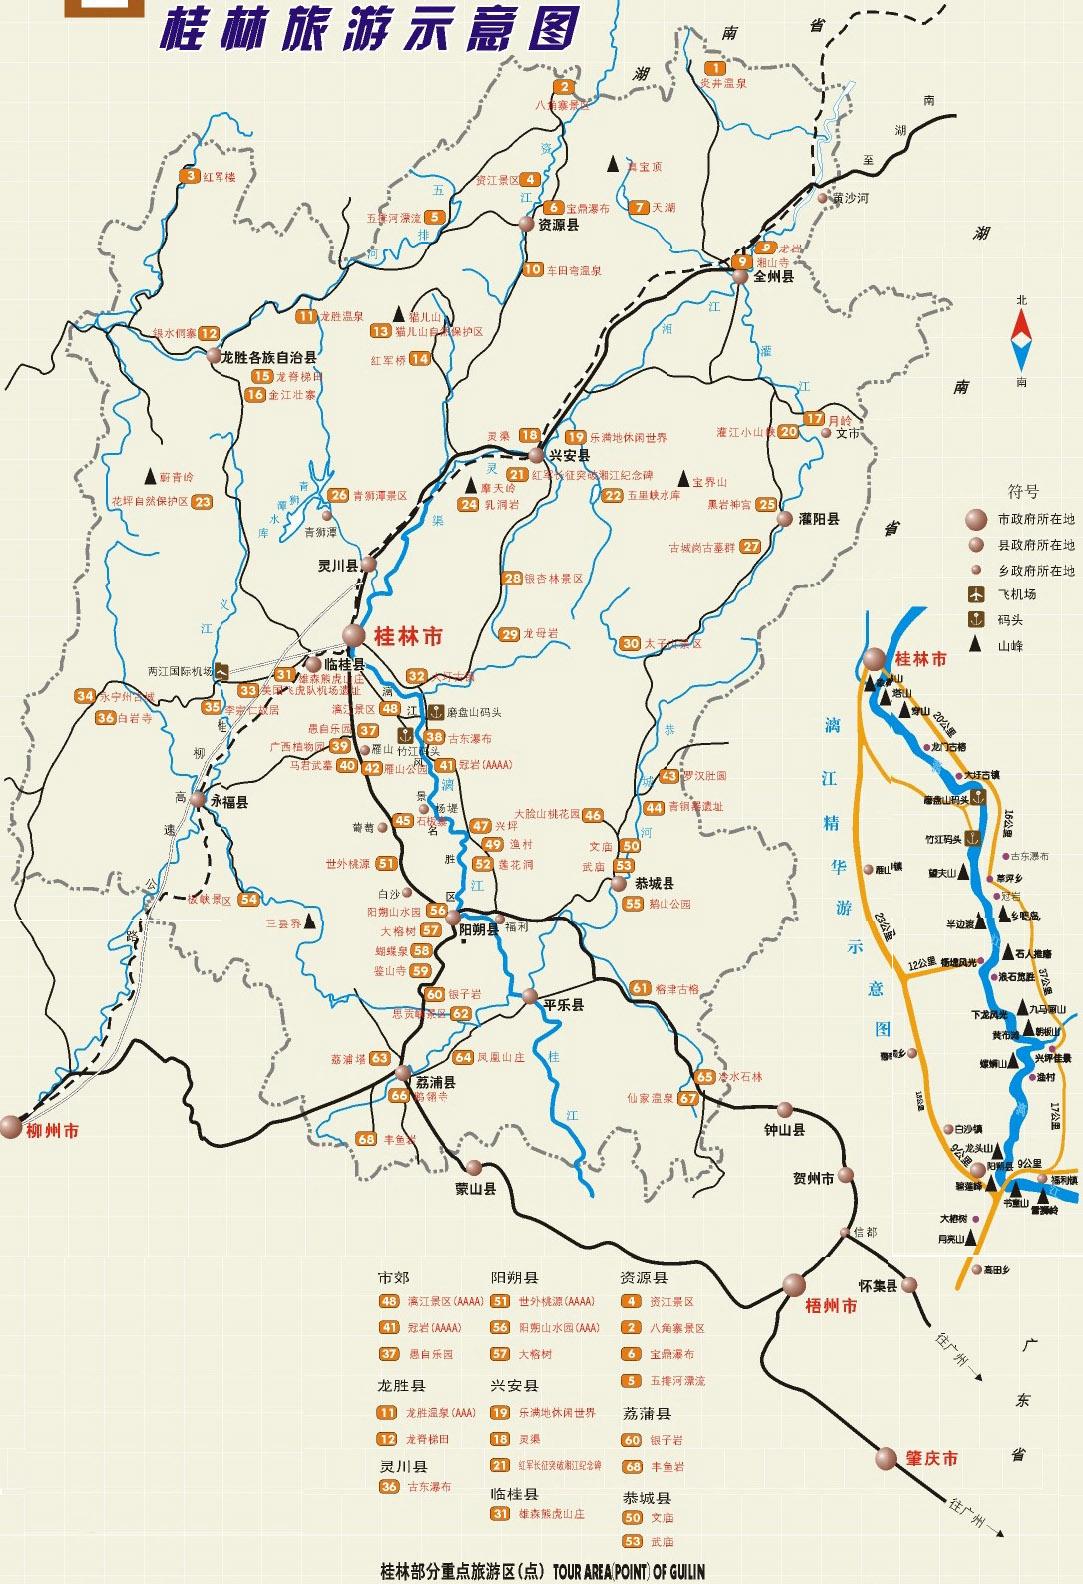 秦朝高清电子地图